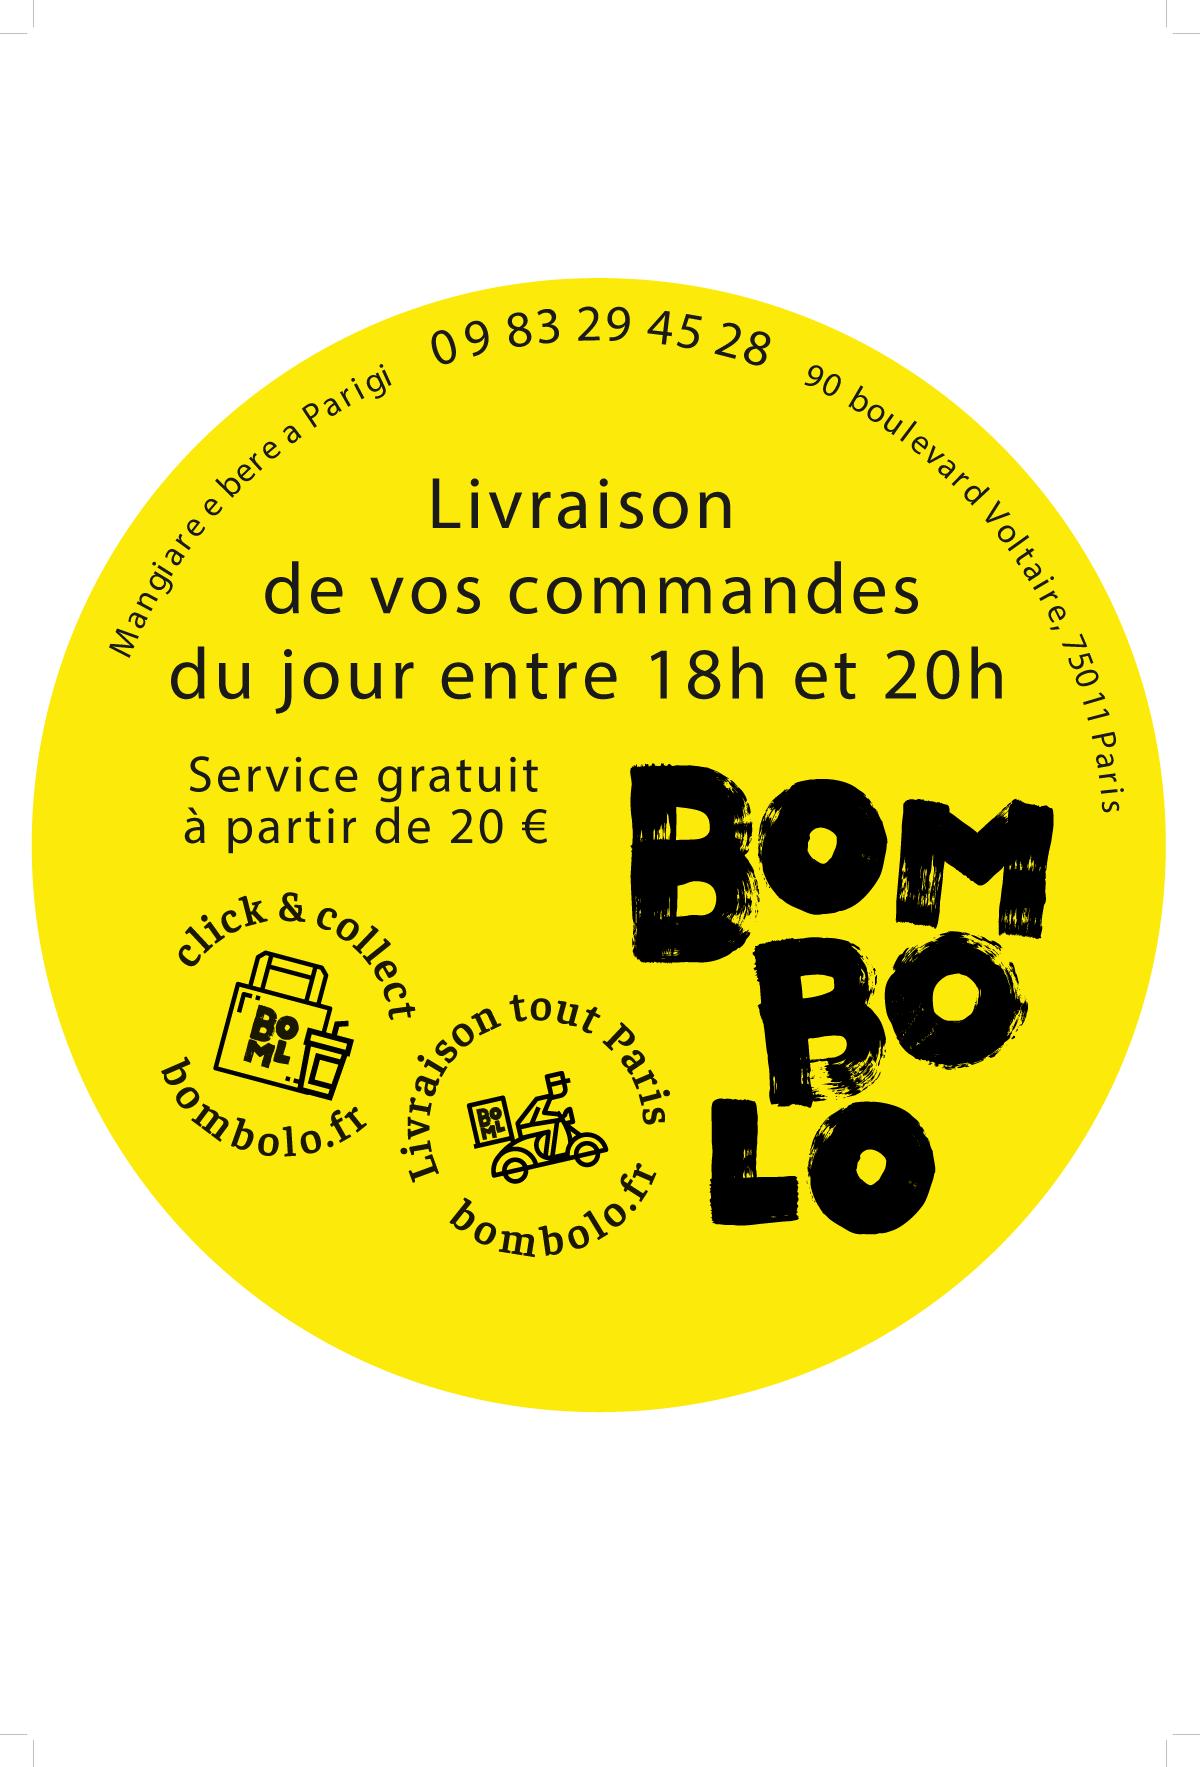 LIVRAISON 18h-20h